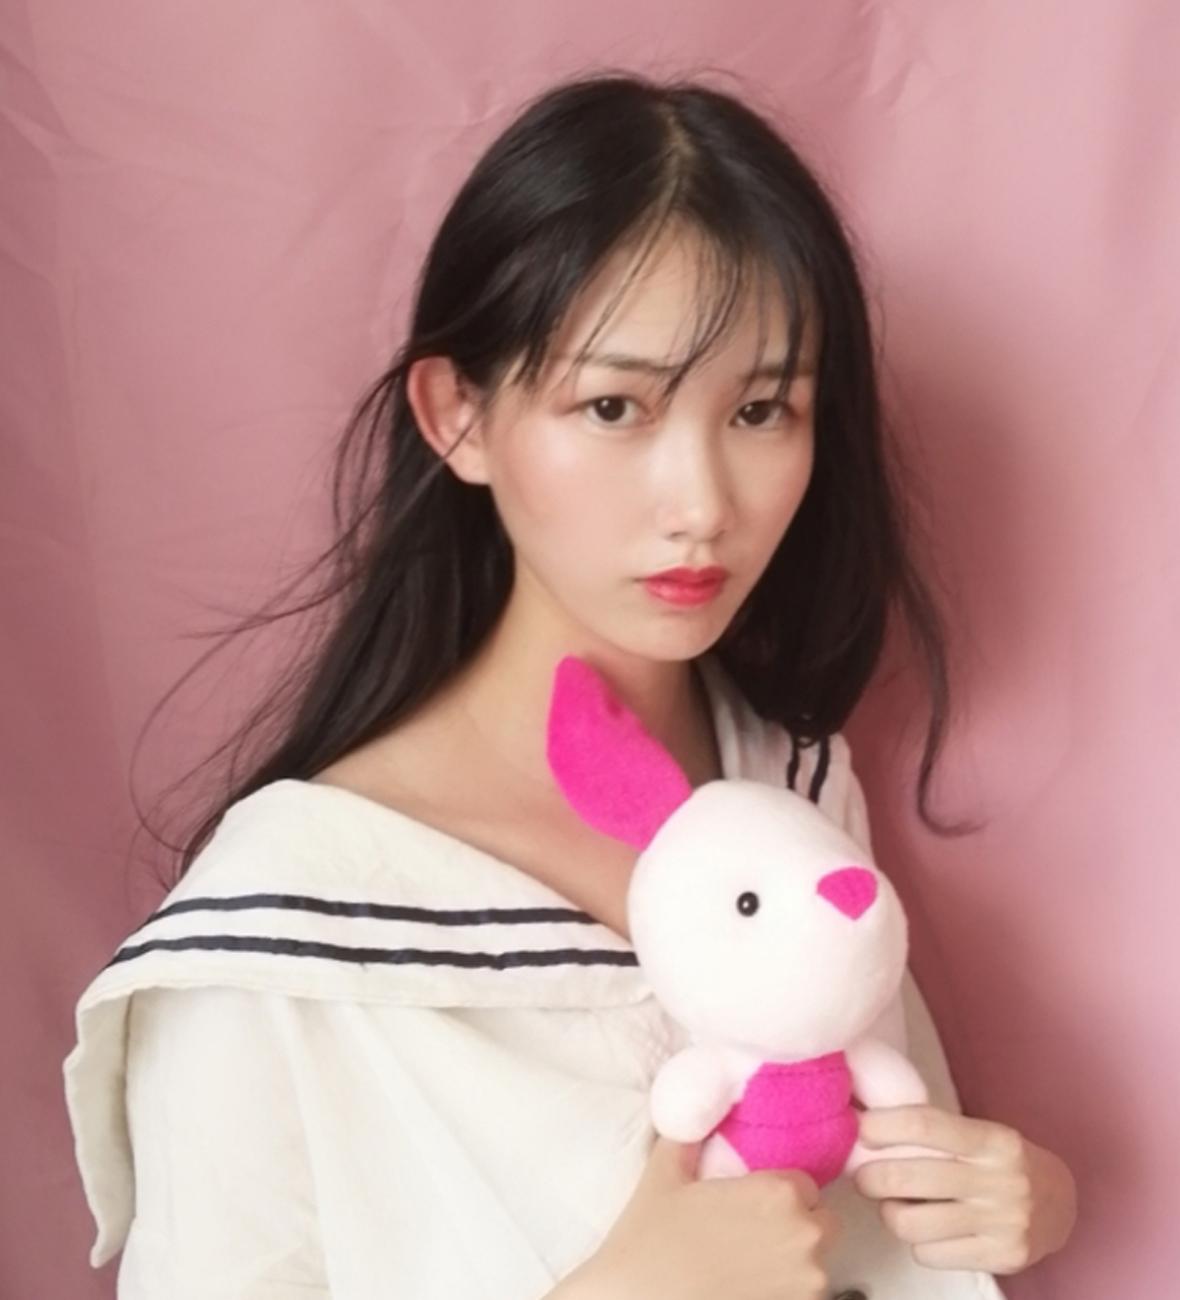 【花粉女生】安琪拉,花粉女生-花粉俱乐部